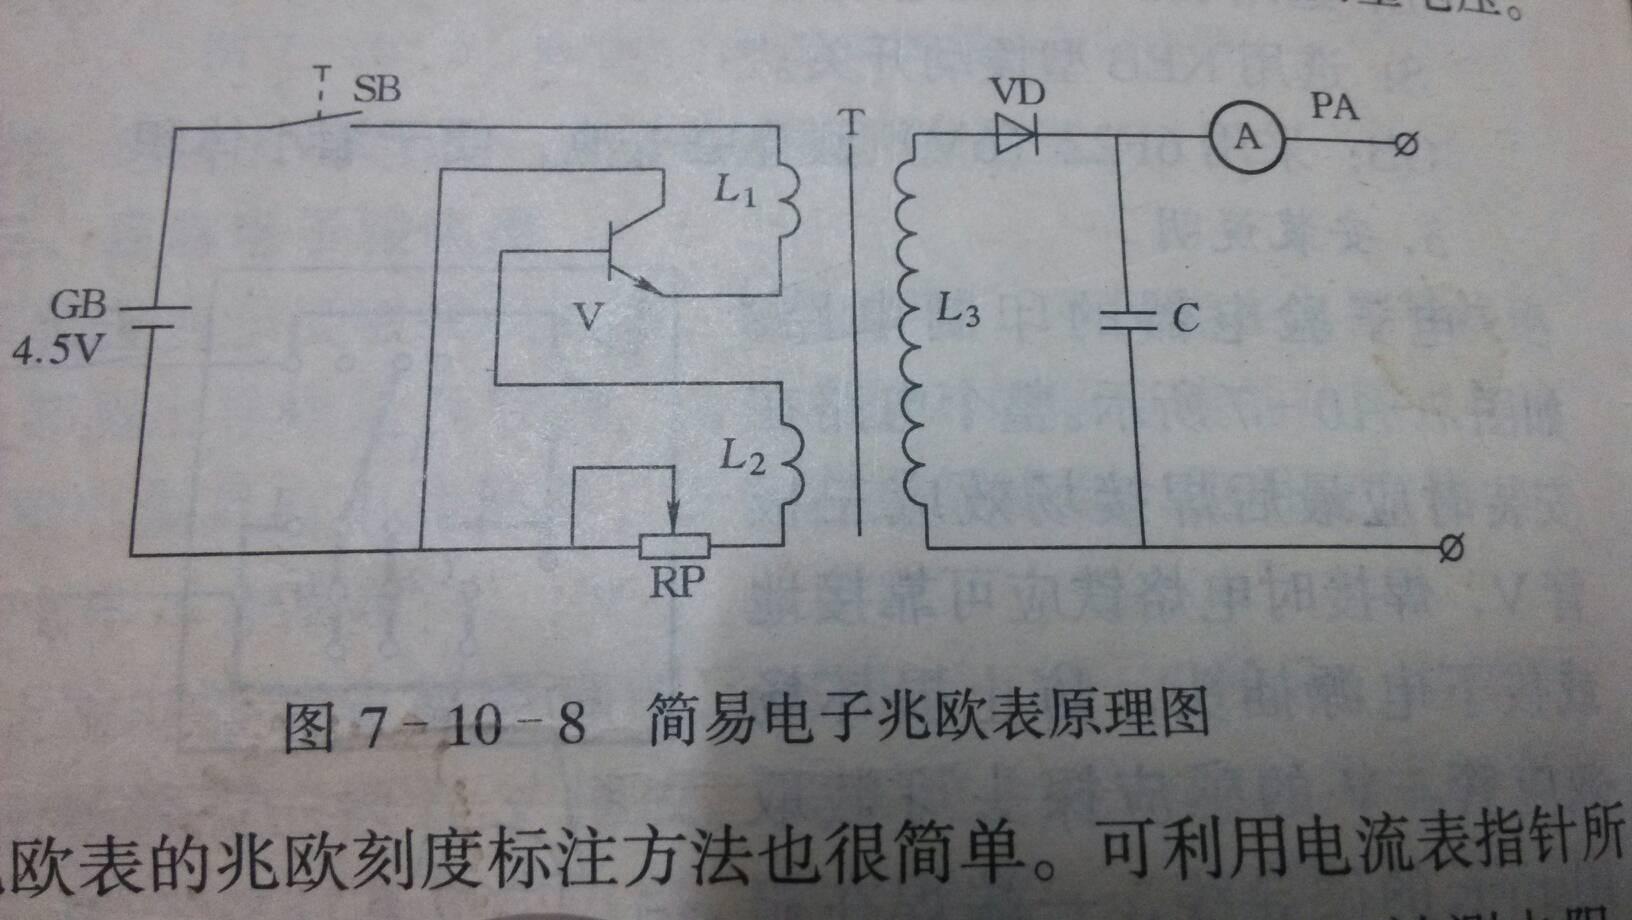 电弧打火机电路图_我想用黑白电视高压包做个拉电弧的打火机,需要什么原件 ...